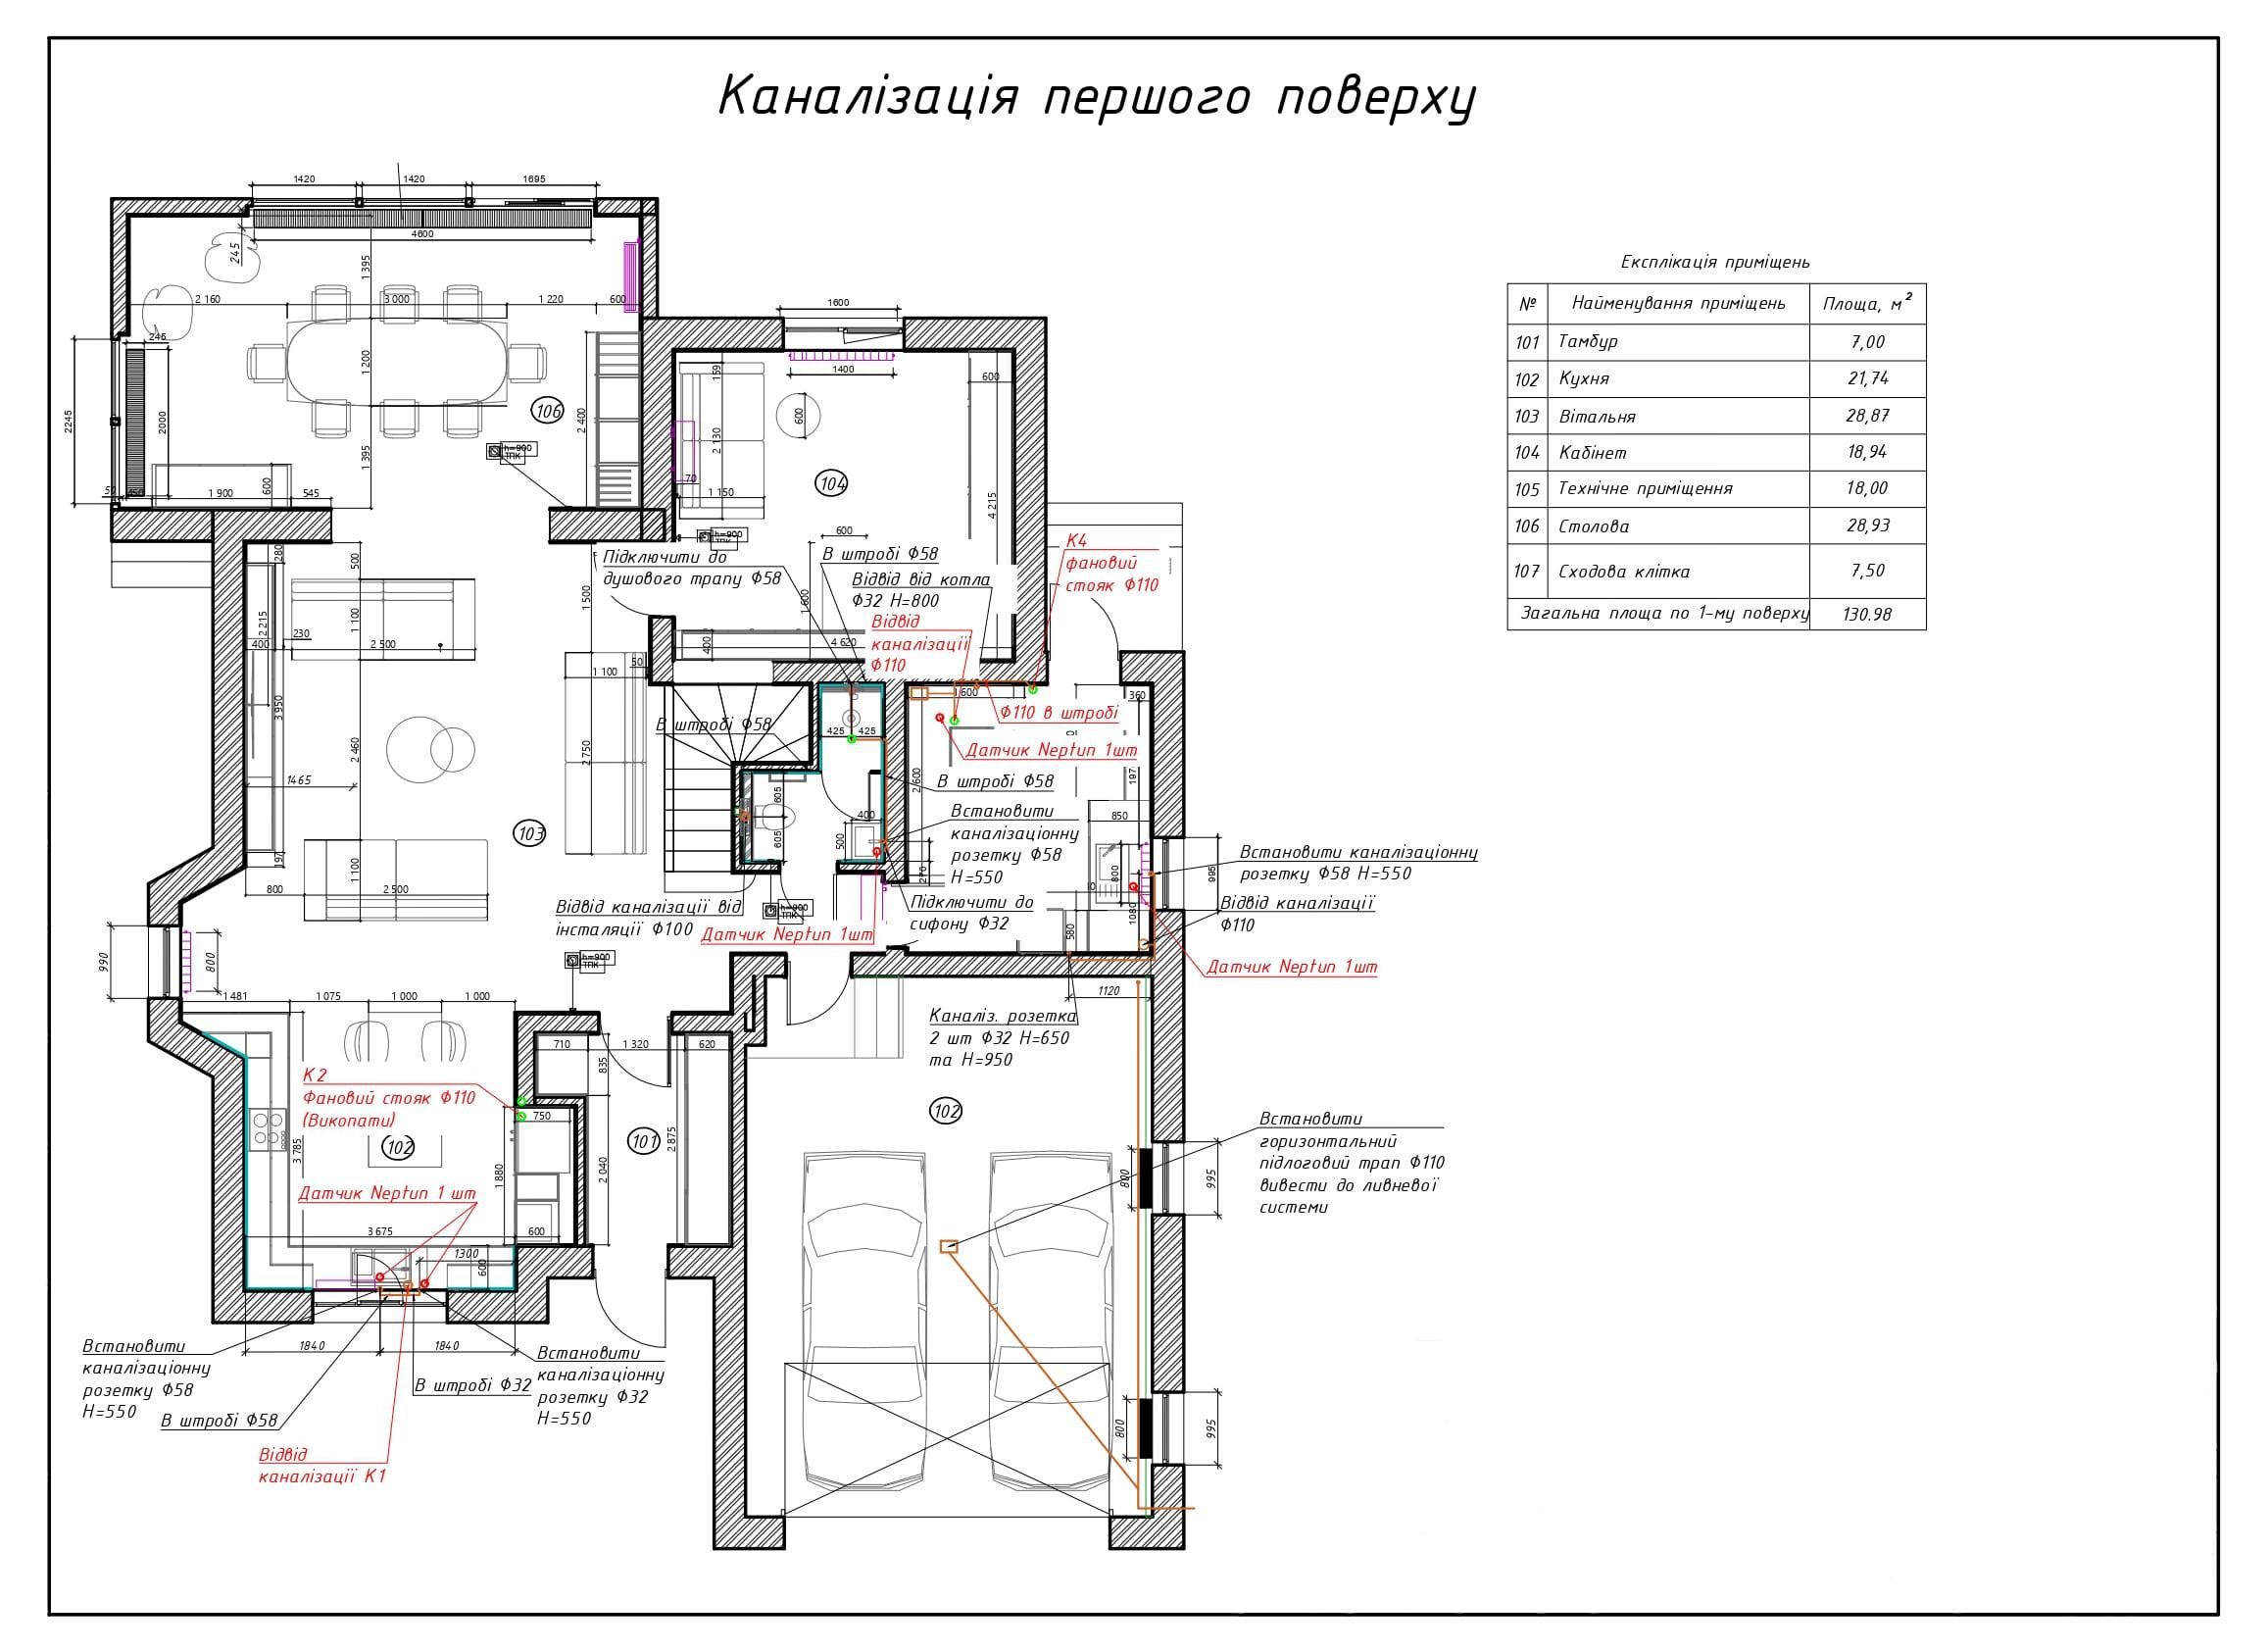 Проєктування каналізації на 1 поверсі приватного будинку